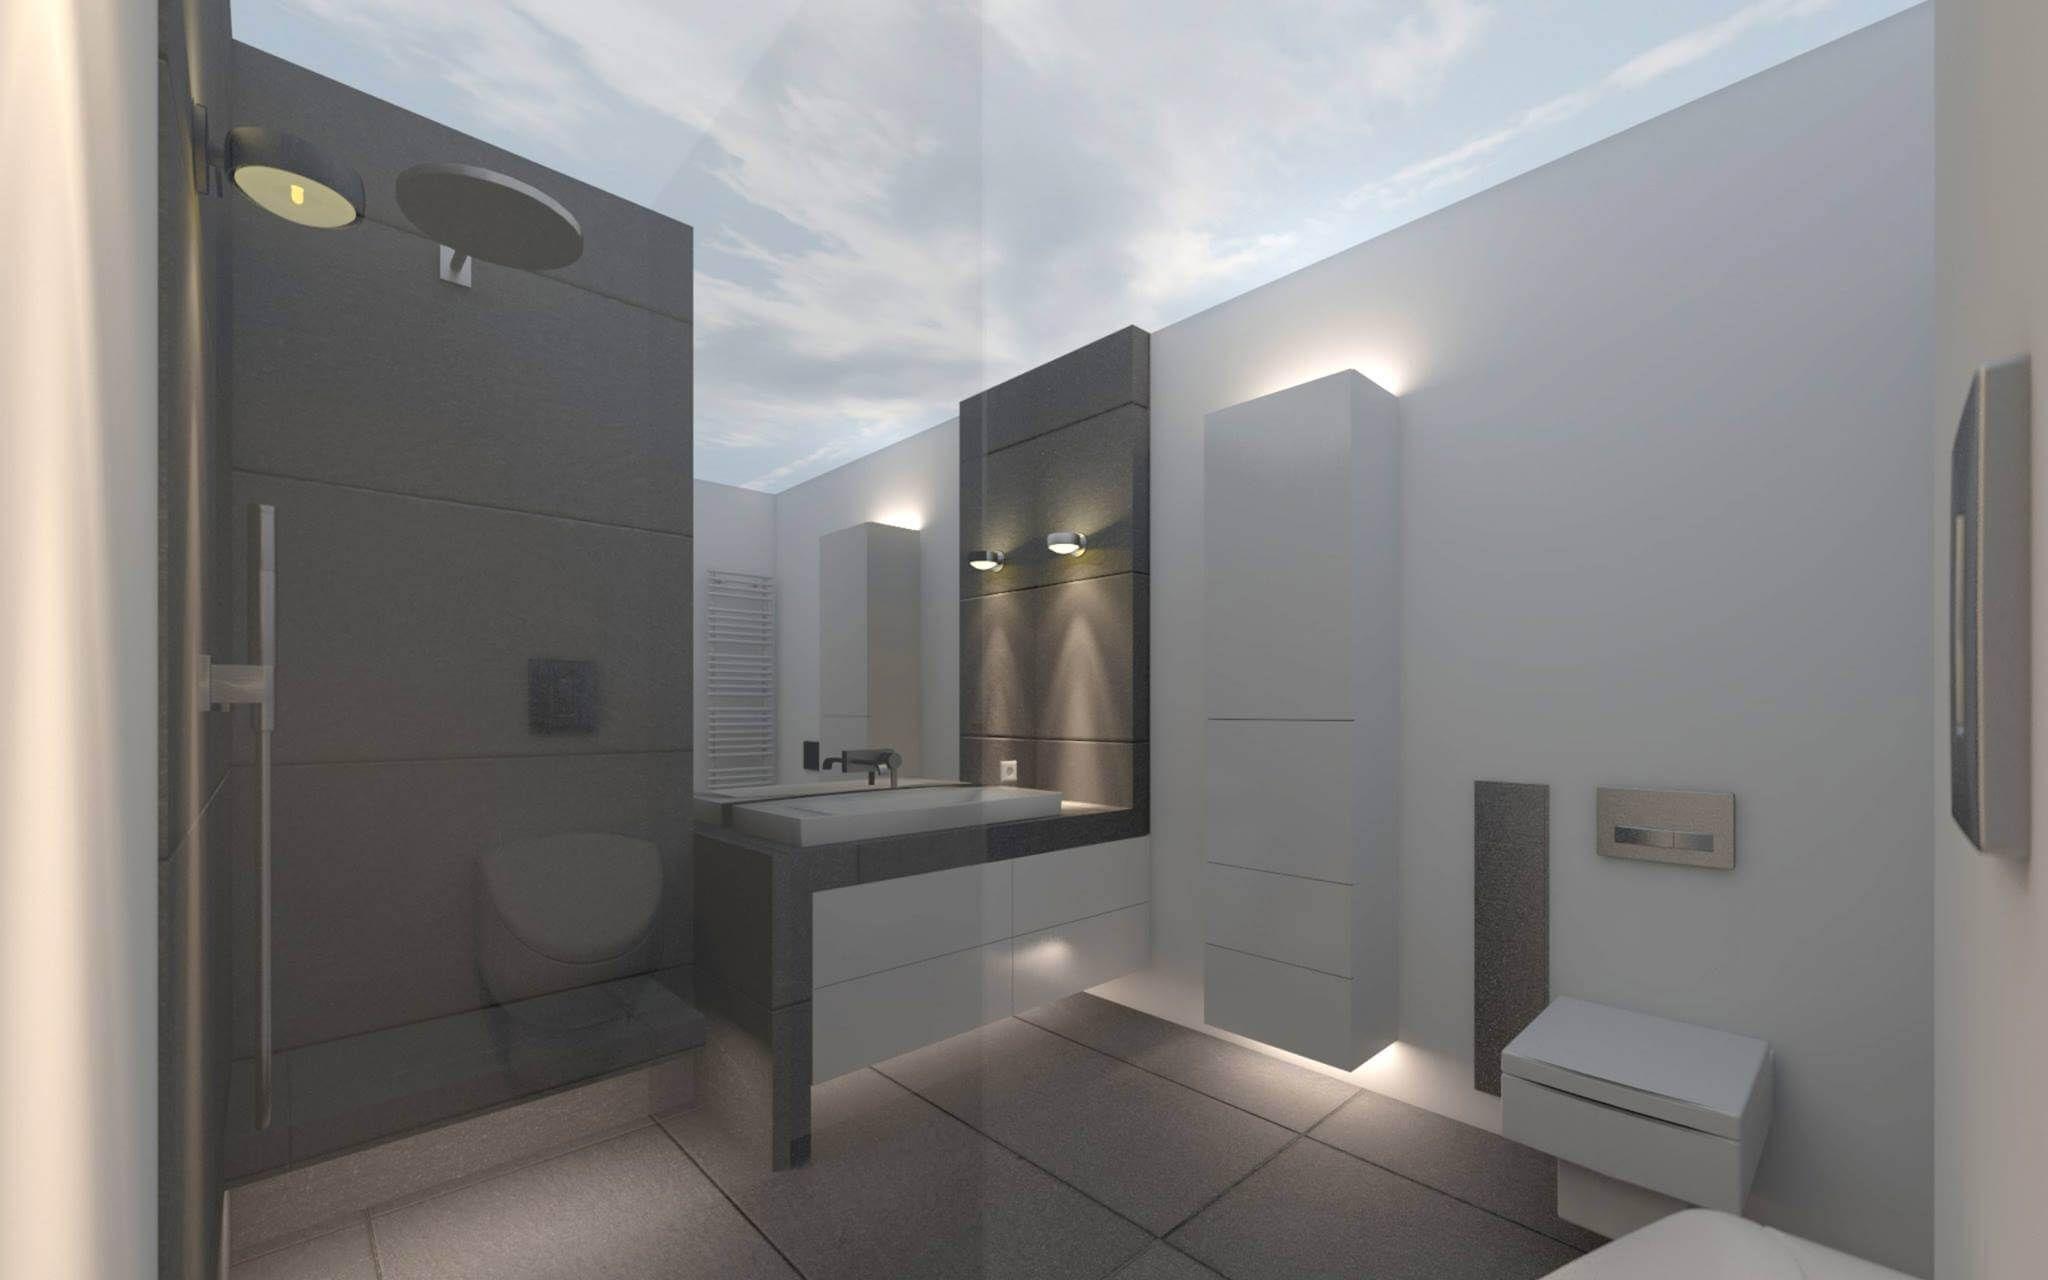 Badrenovierung Kleines Bad eine badrenovierung für ihr kleines bad mit einer lichtdecke